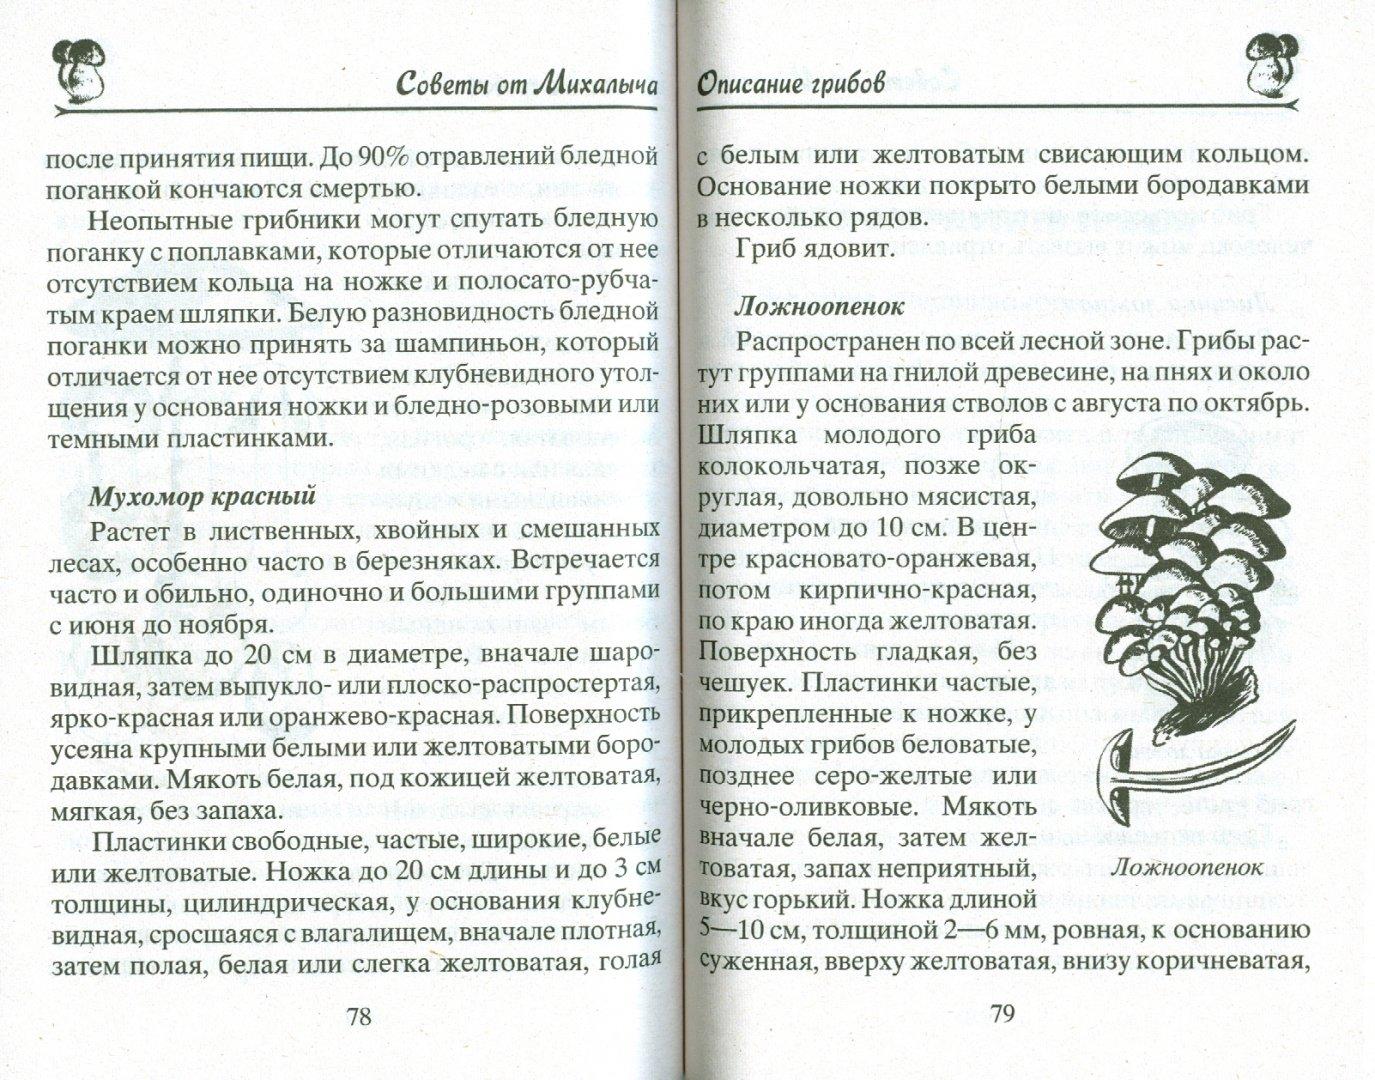 Иллюстрация 1 из 6 для Грибы. Собираем, выращиваем, заготавливаем - Николай Звонарев | Лабиринт - книги. Источник: Лабиринт